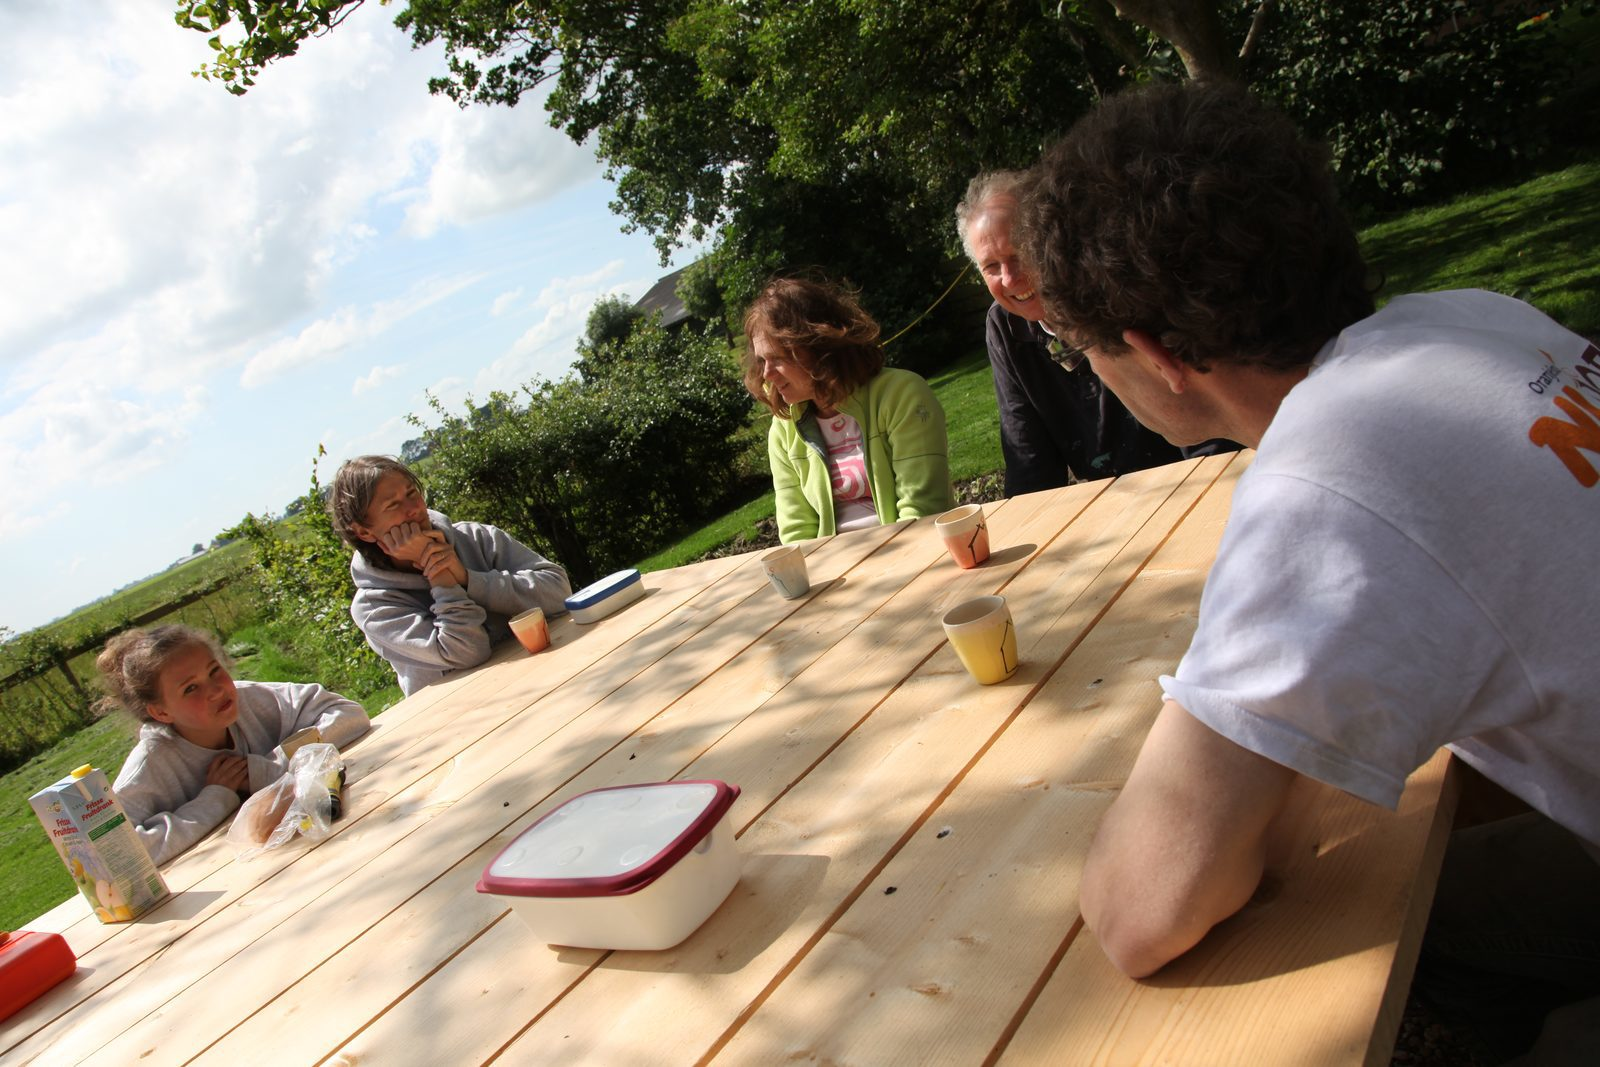 Nederland, Friesland, vakantie, weekendje weg, vakantiehuis, vakantiewoning